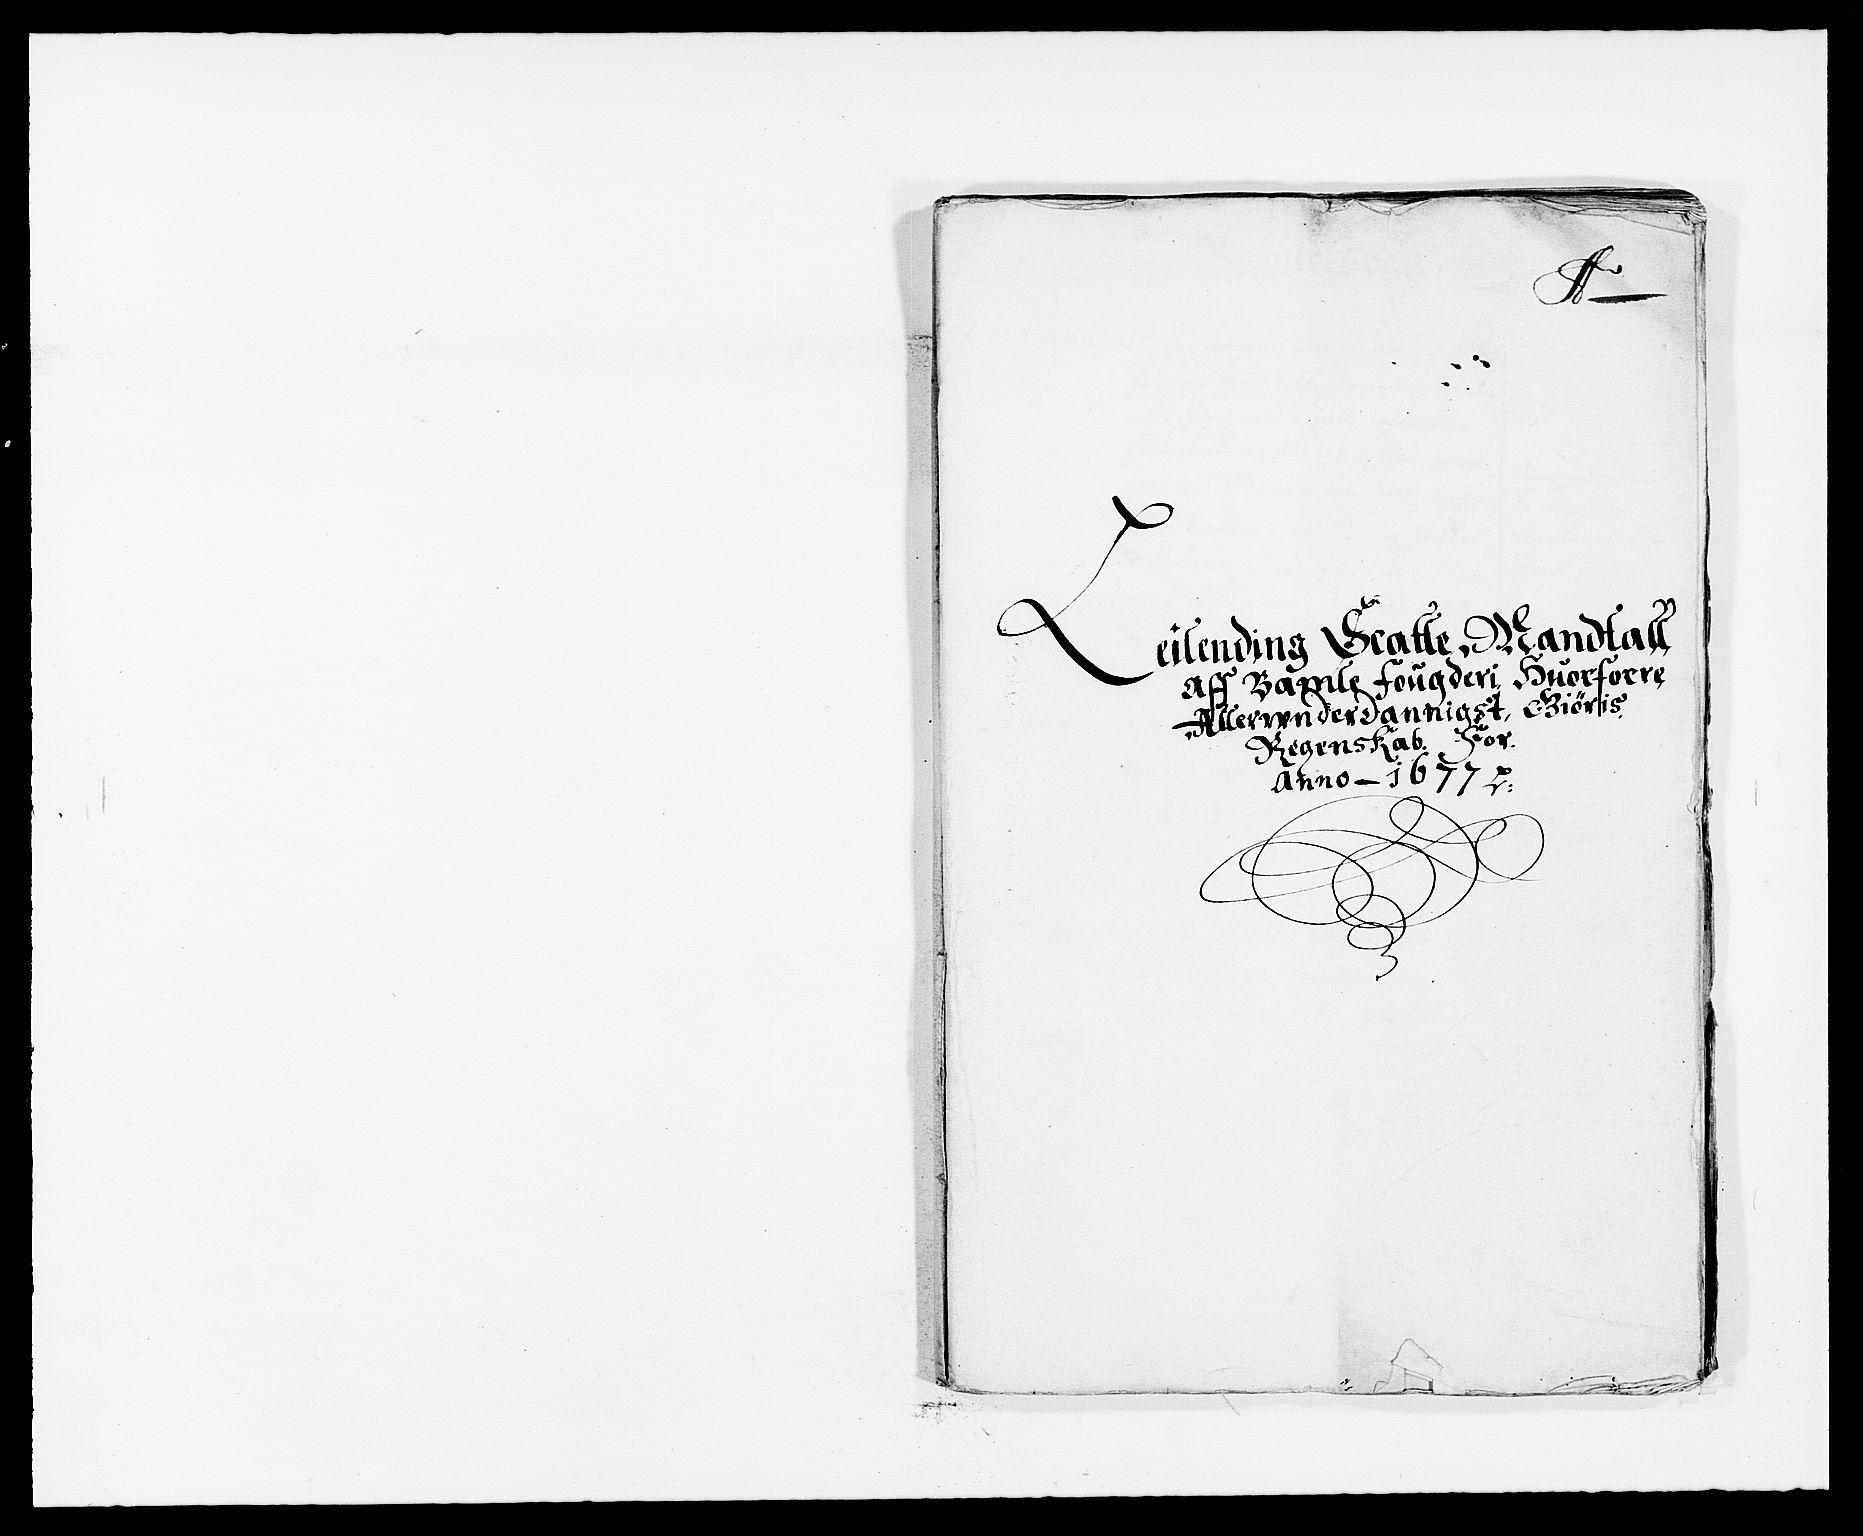 RA, Rentekammeret inntil 1814, Reviderte regnskaper, Fogderegnskap, R34/L2043: Fogderegnskap Bamble, 1676-1677, s. 223